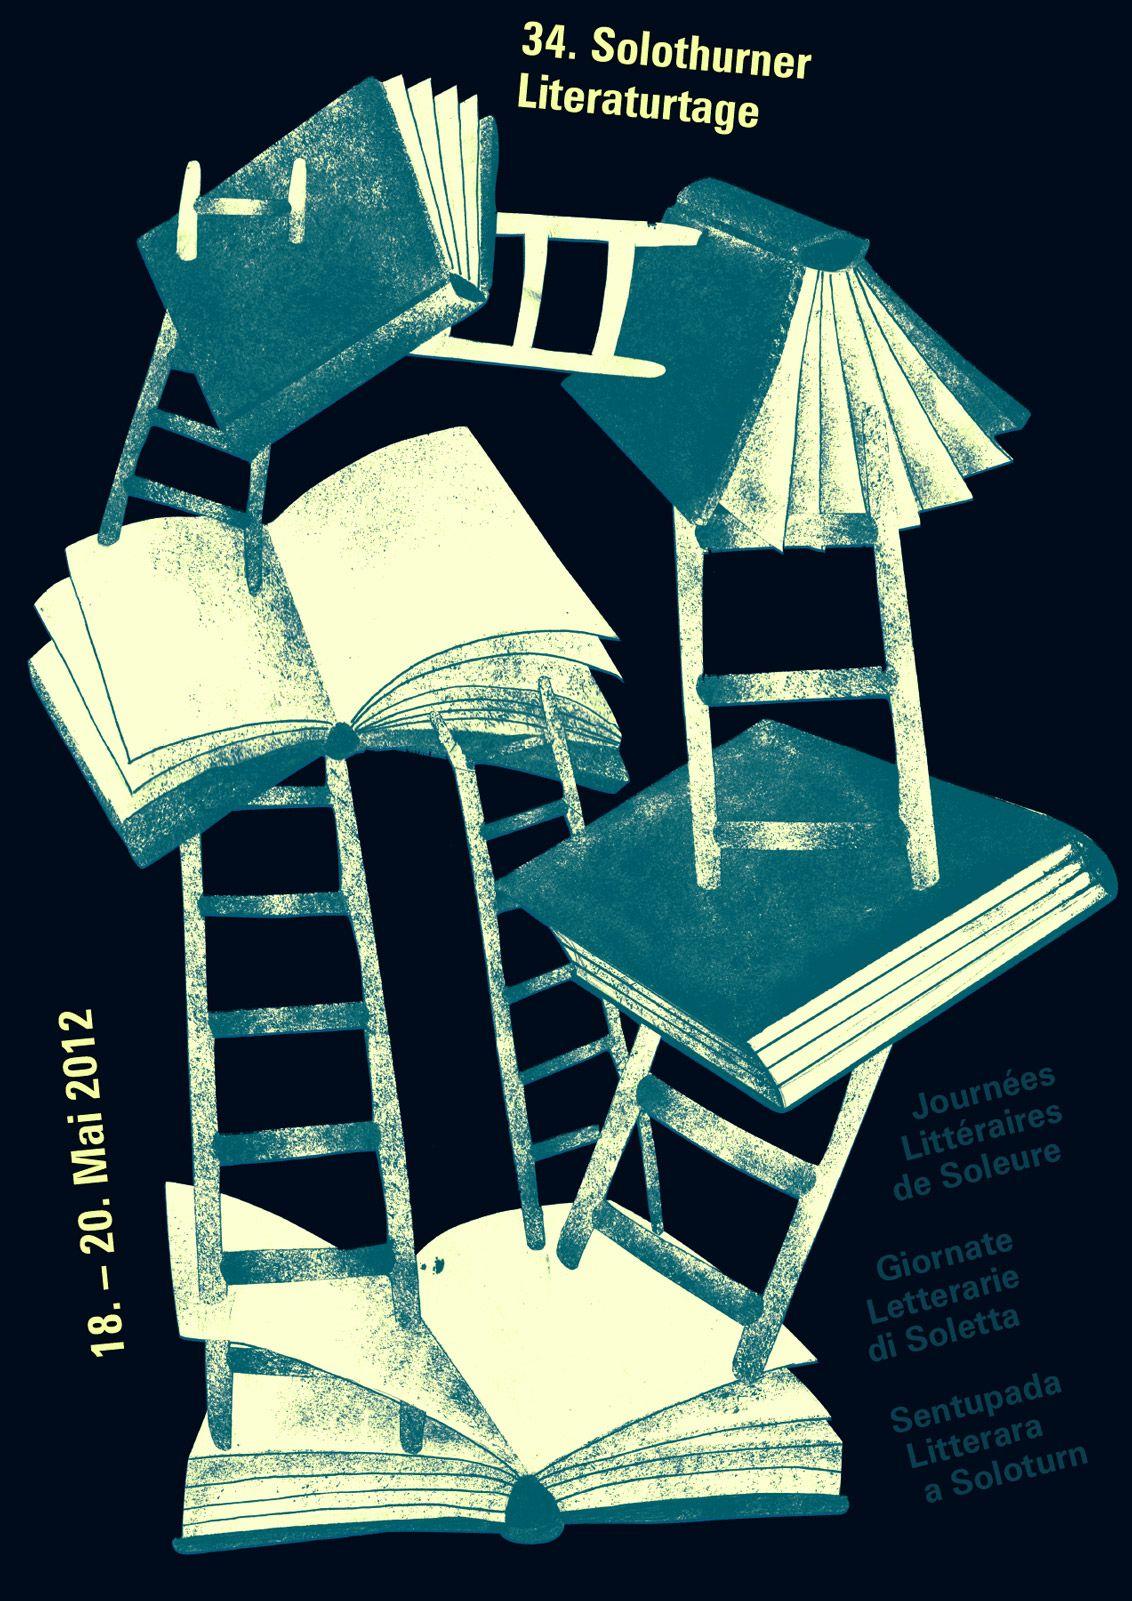 Plakat für die 34. Solothurner Literaturtage